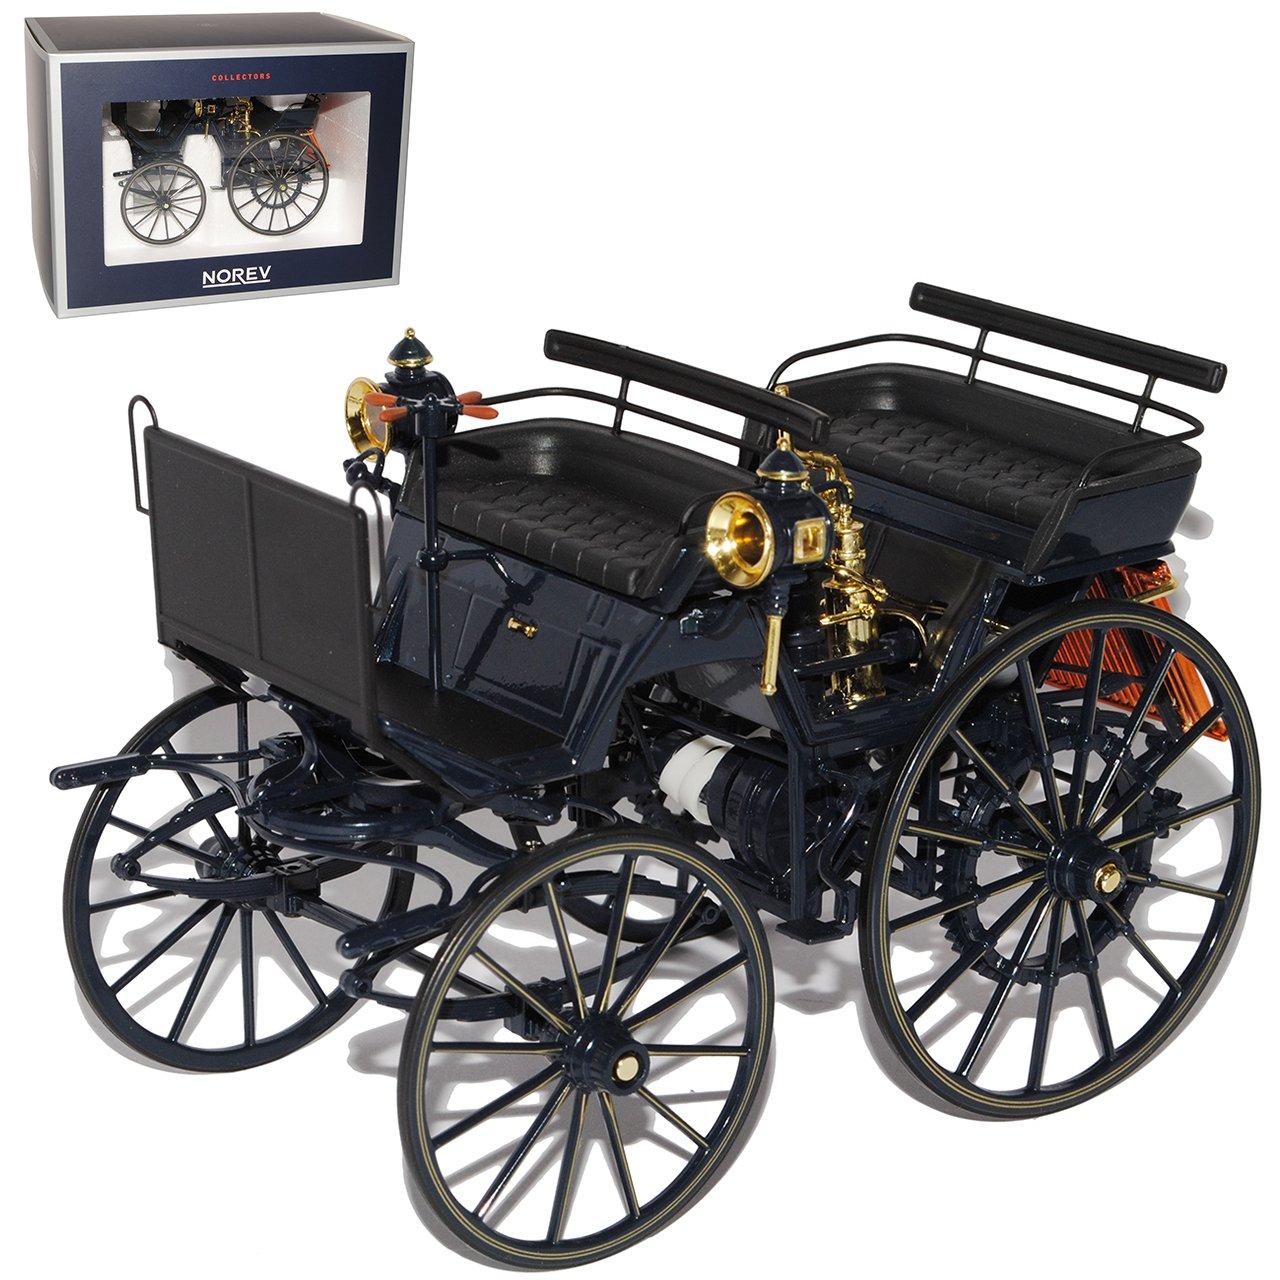 Norev Daimler Motorkutsche 1886 Schwarz 1 18 Modell Auto B00CH3XKPU Fahrzeuge Räumungsverkauf | Lassen Sie unsere Produkte in die Welt gehen